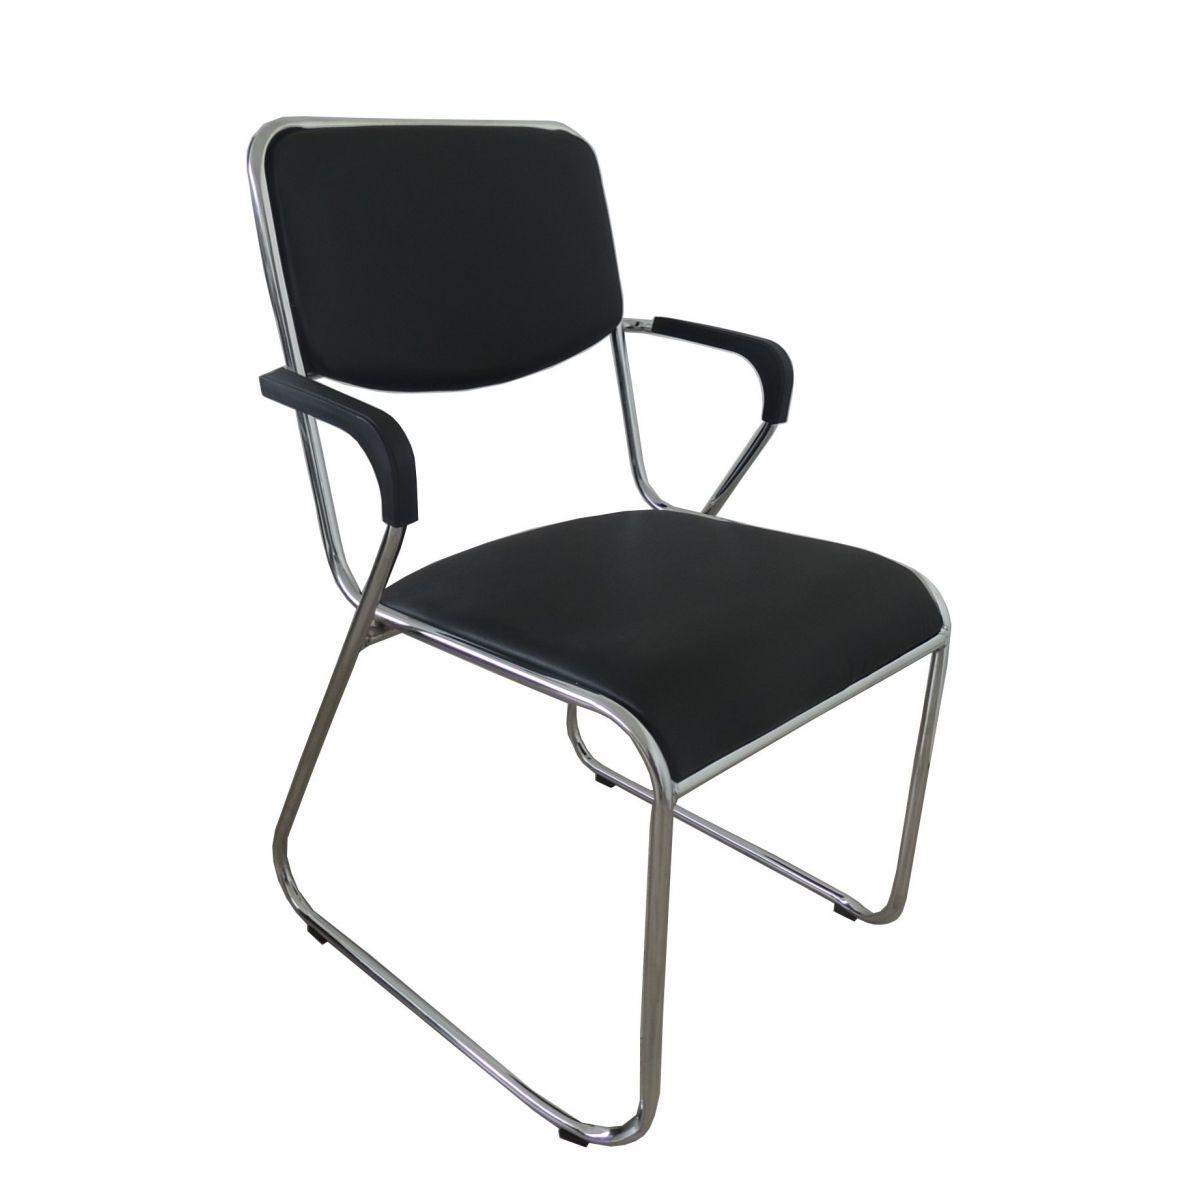 Cadeiras Interlocutor Empilhável com Braço Pelegrin em Couro PU Preta Pel-1118